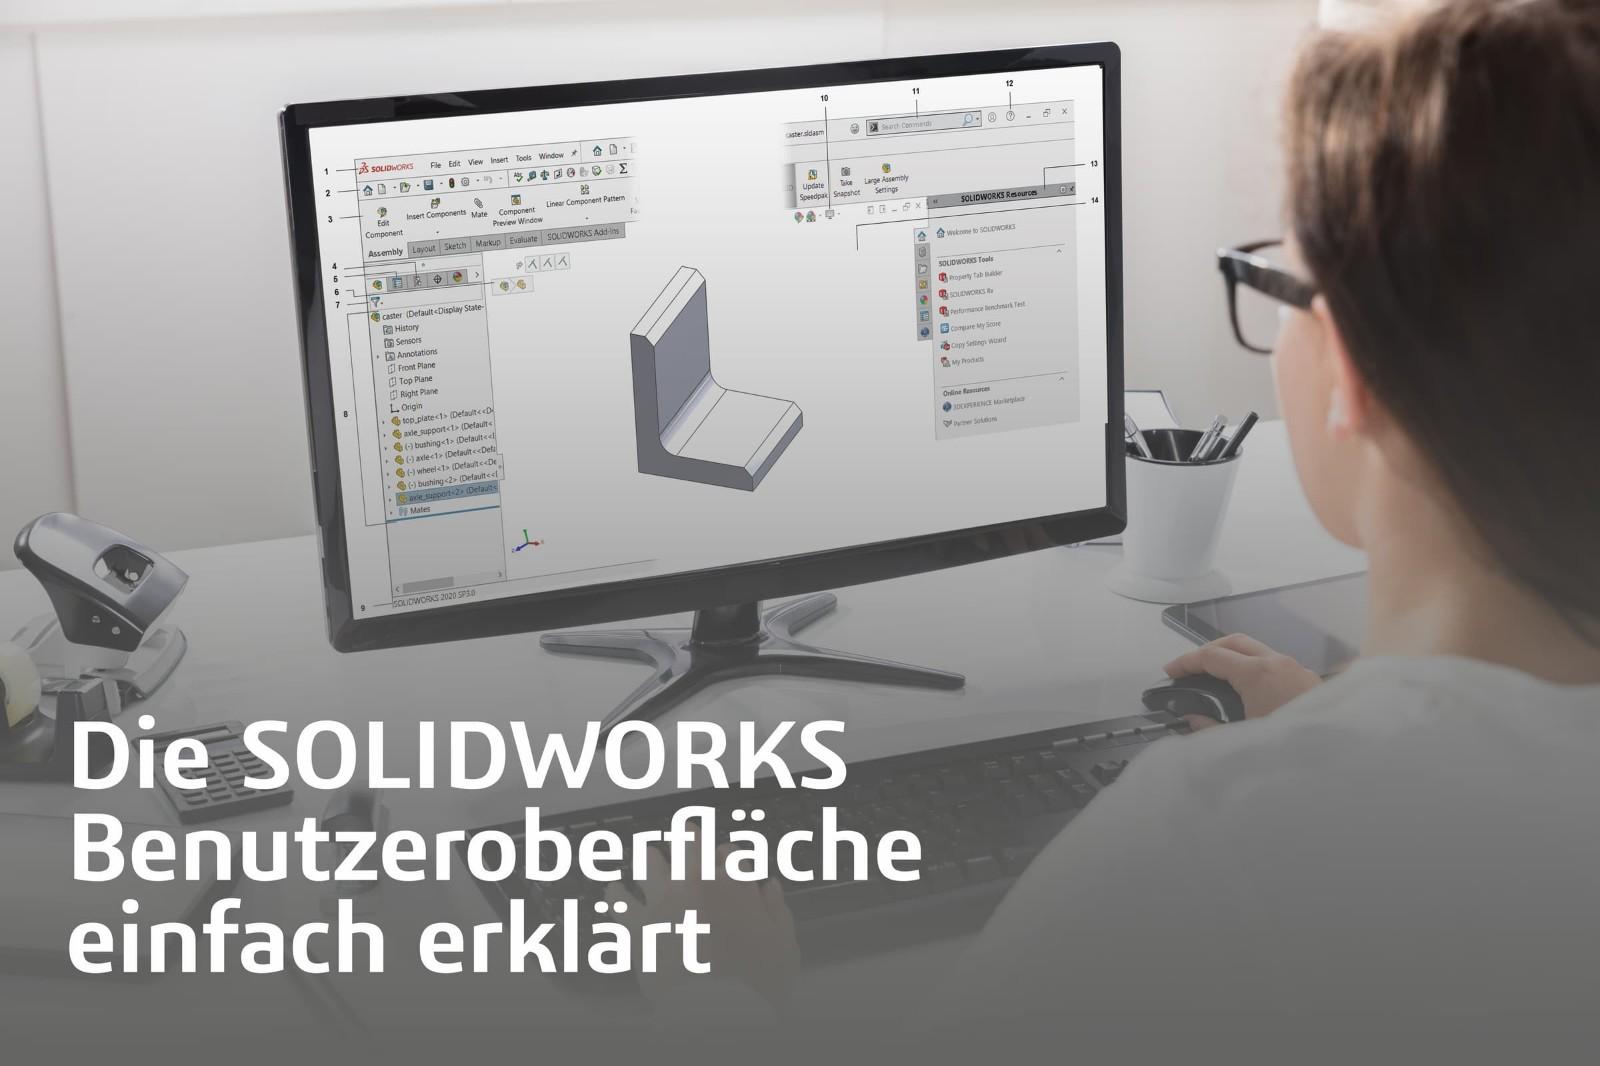 SOLIDWORKS PDM 2021新增功能:材料清单选项